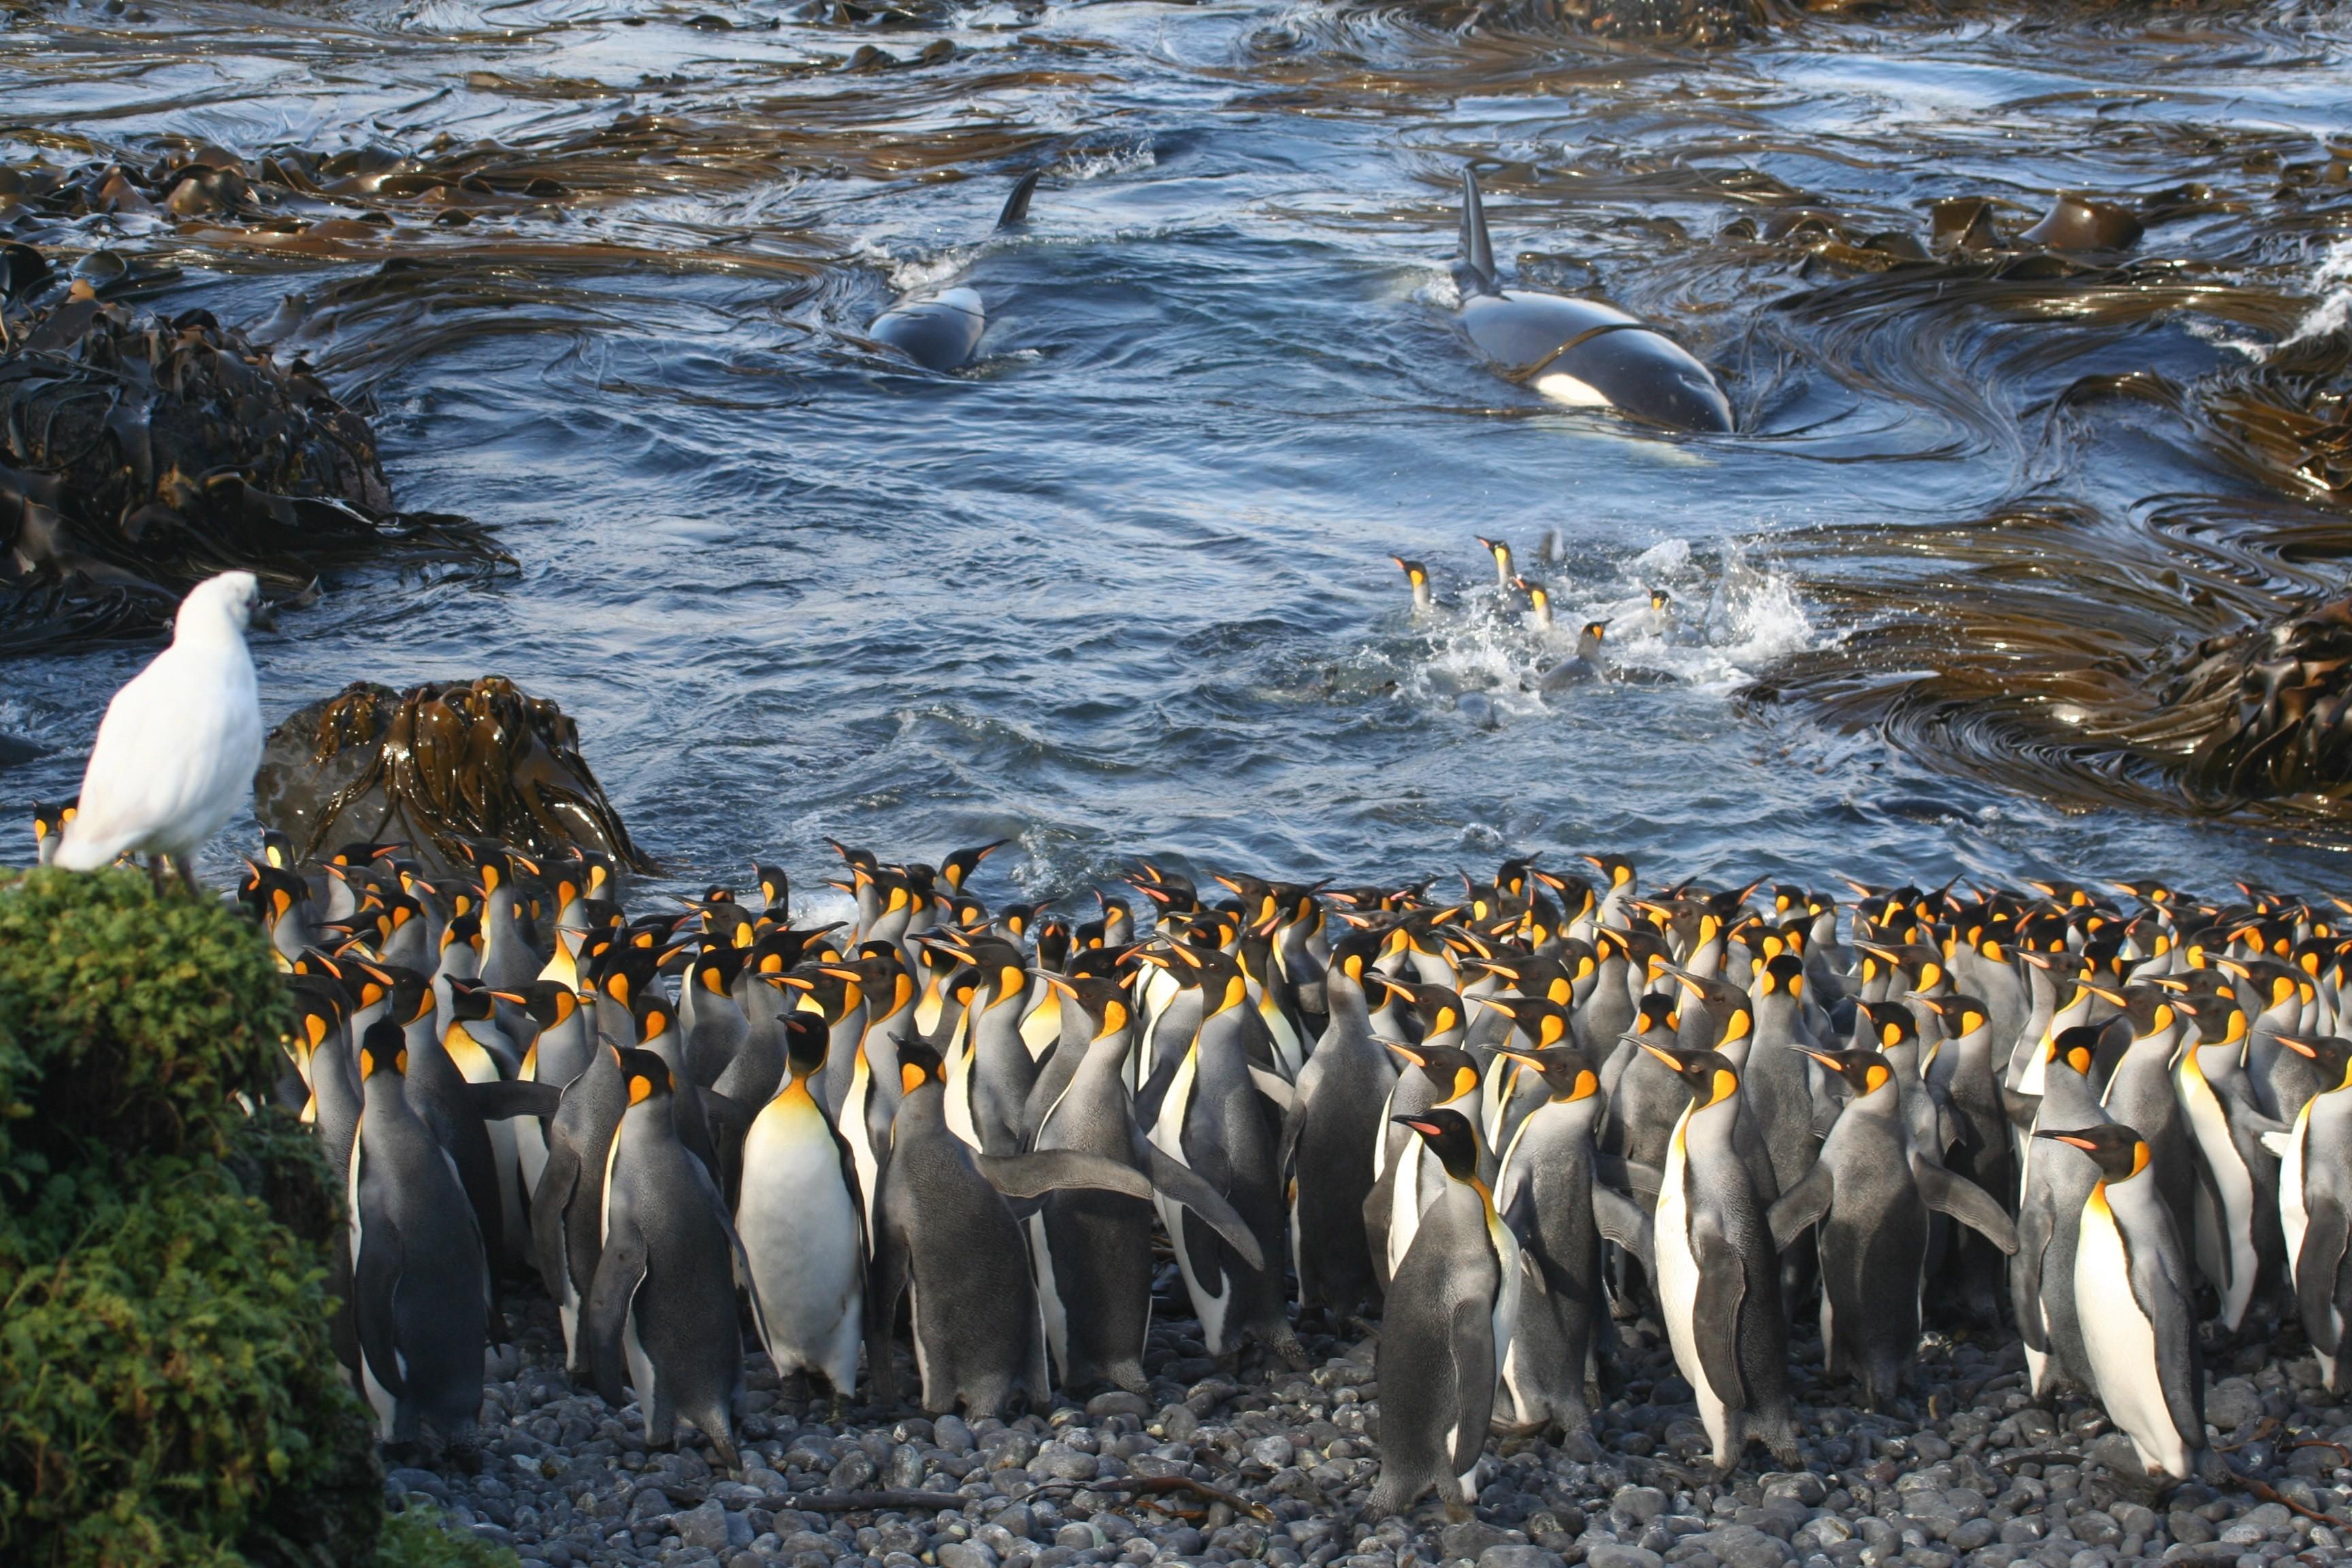 """Na categoria """"Ecologia"""", Nico de Bruyn foi vencedor ao clicar Pinguins-Rei na Ilha Marion, localizada em uma região próxima à Antártida (Foto: Nico de Bruyn / Divulgação)"""